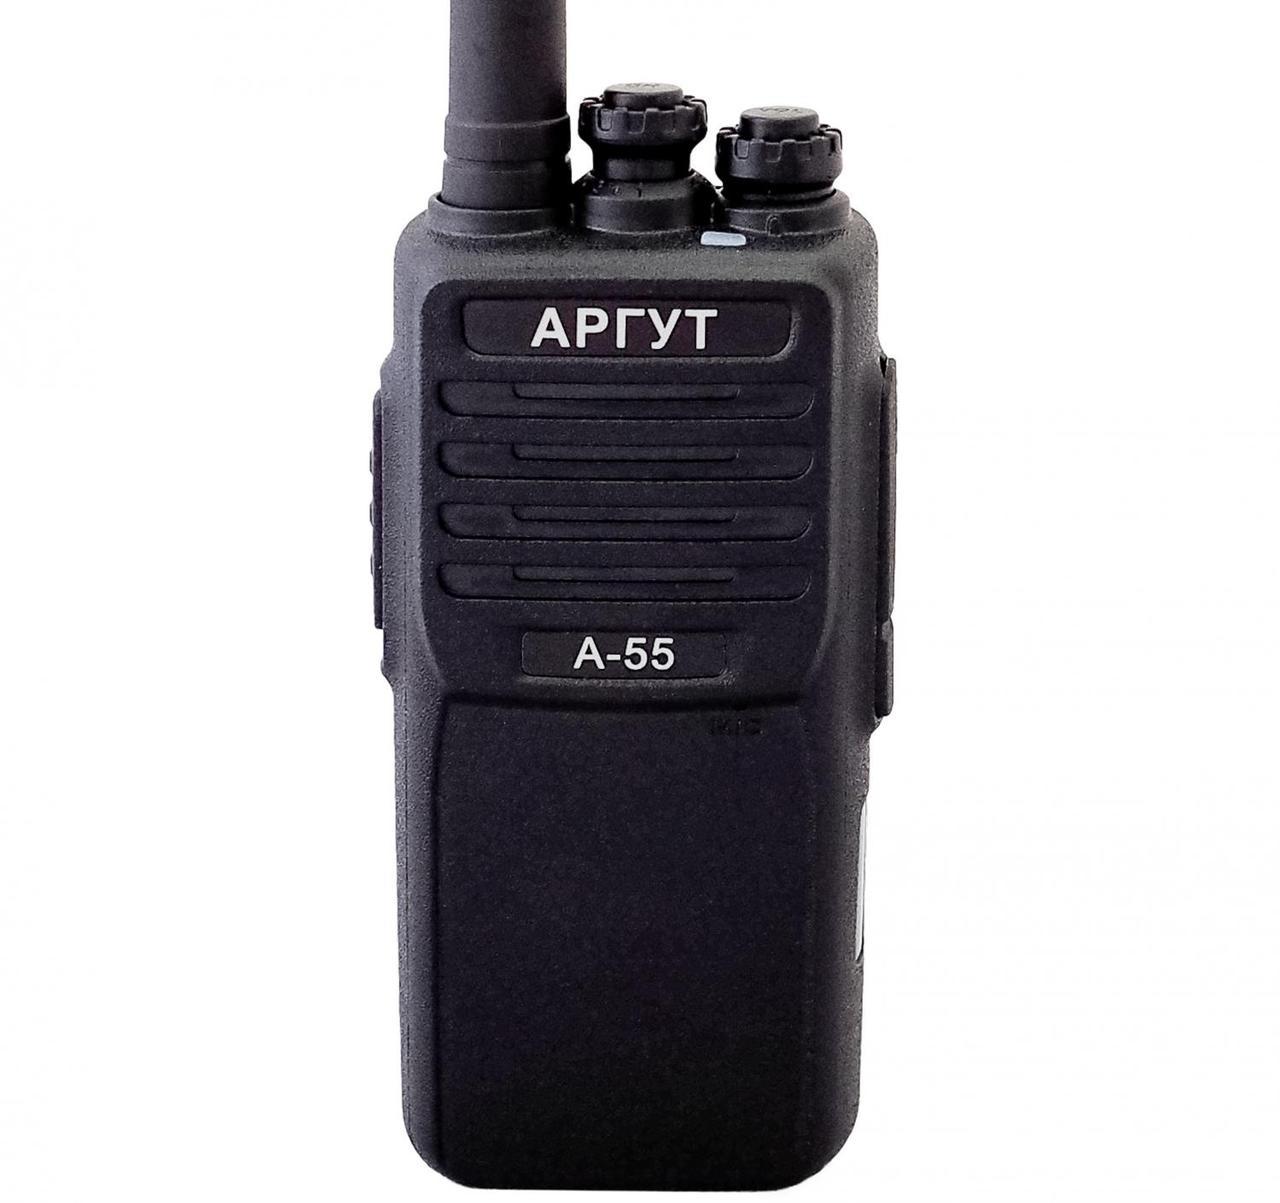 Портативная радиостанция Аргут А-55